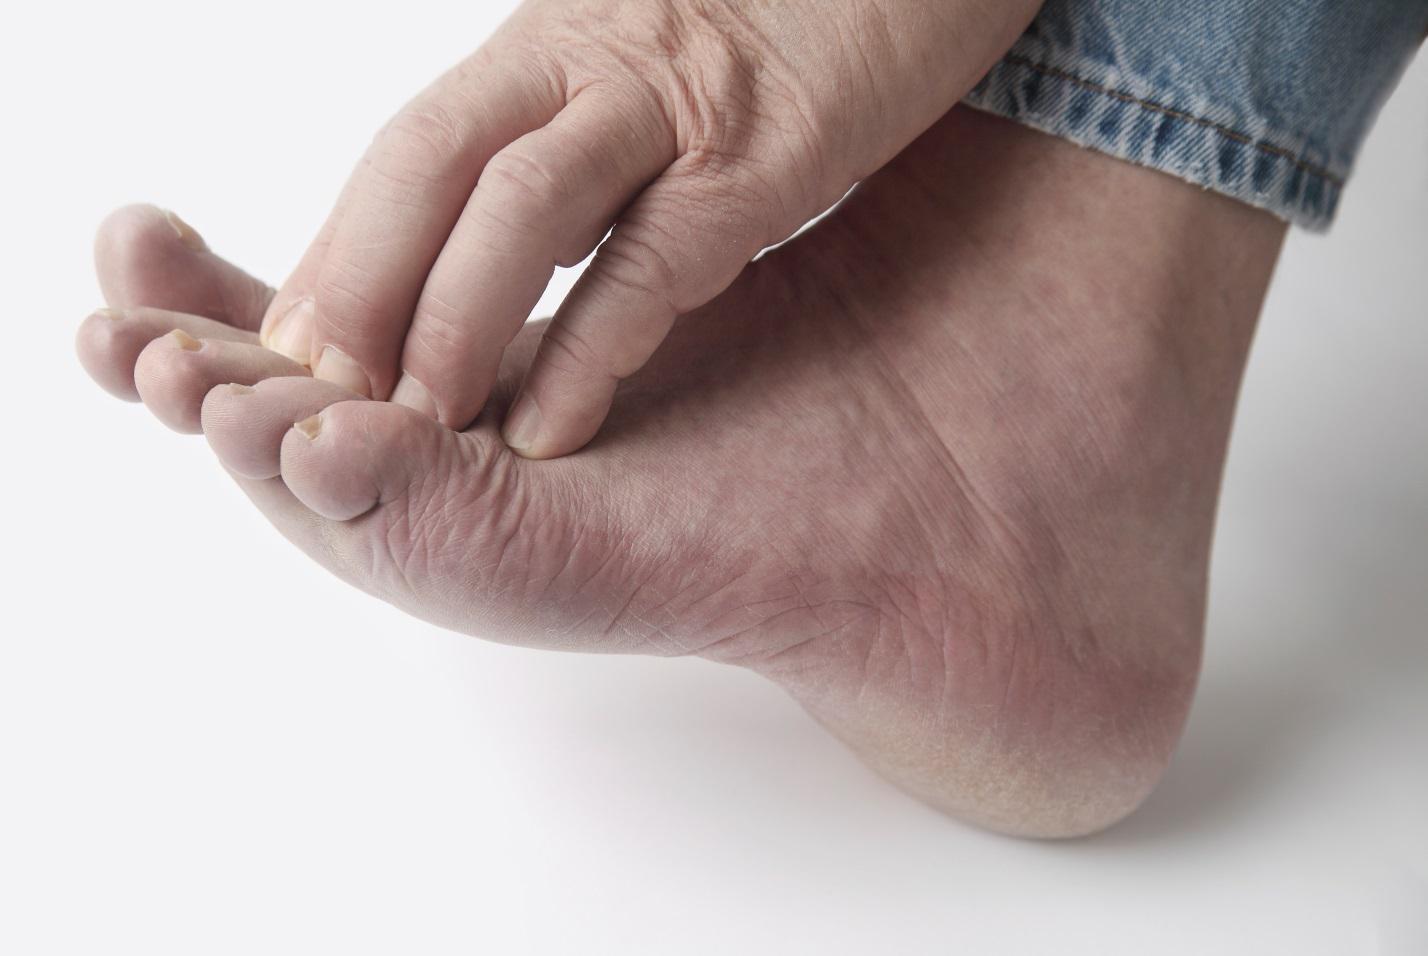 Грибок на ногах - лечение в домашних условиях